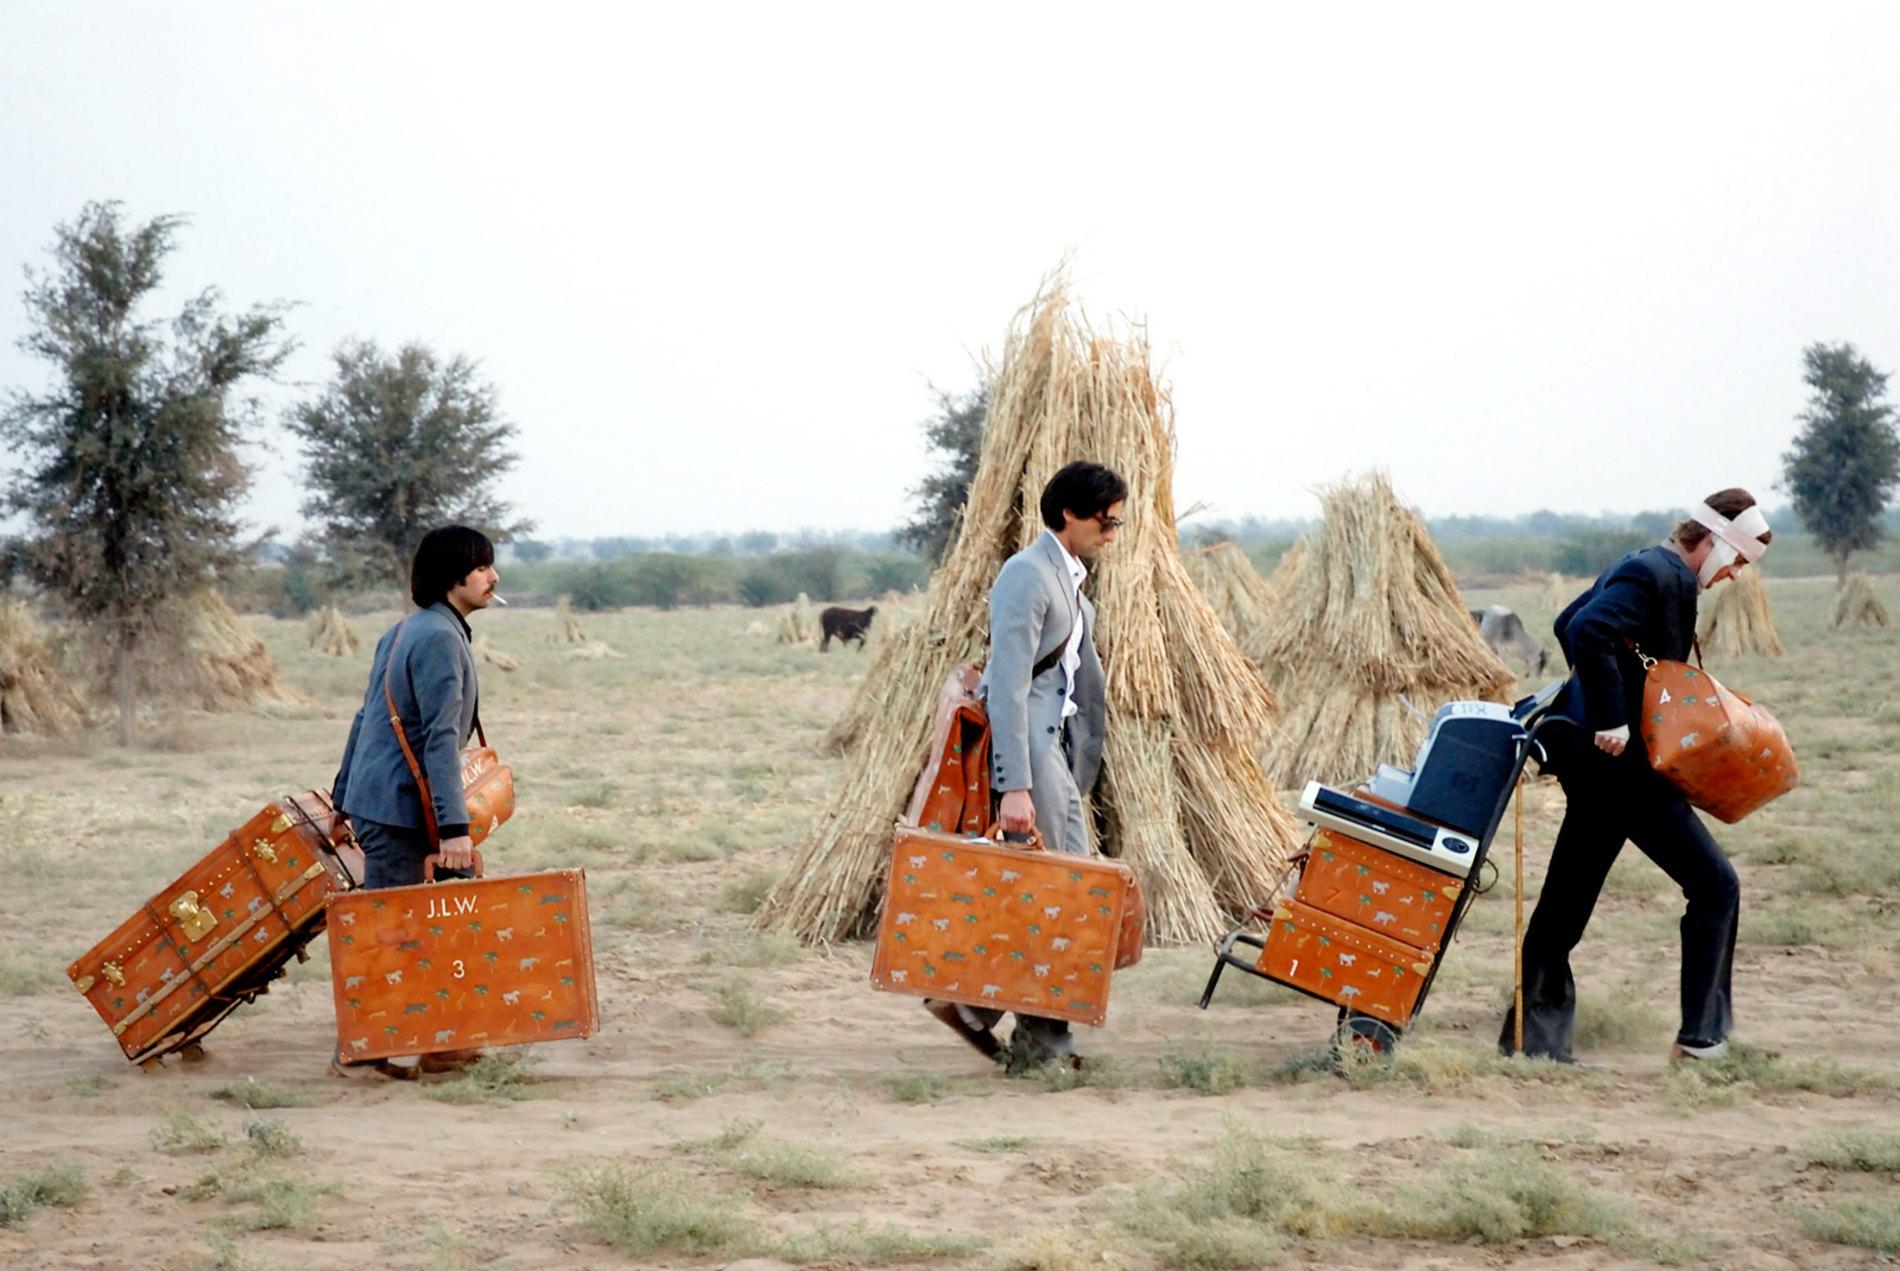 Trzech mężczyzn idzie po polanie.